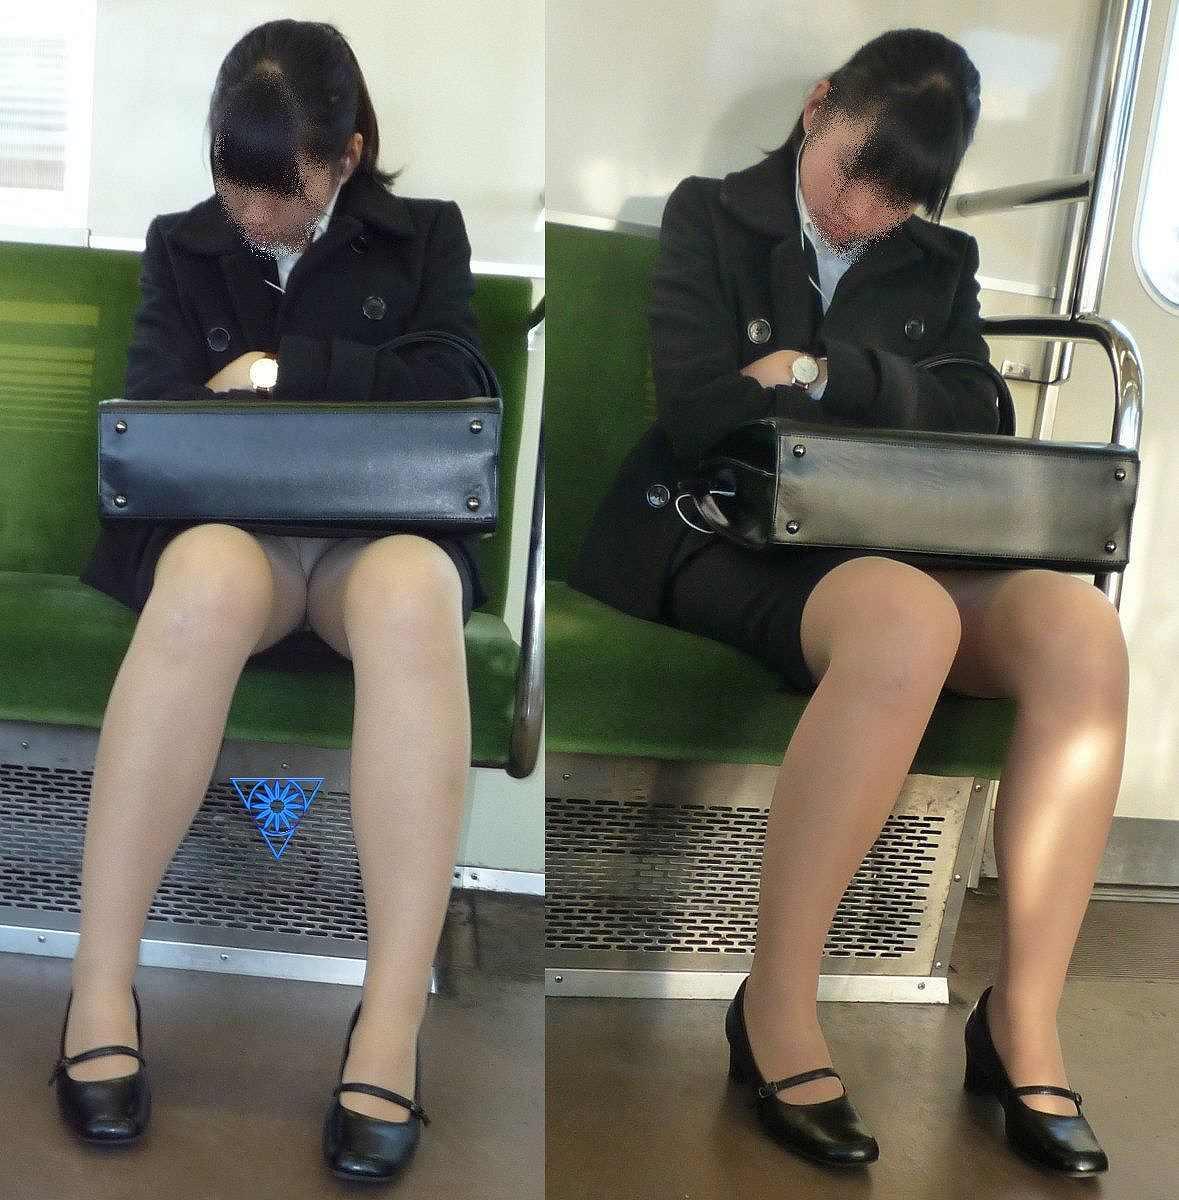 電車内パンチラ 画像 48